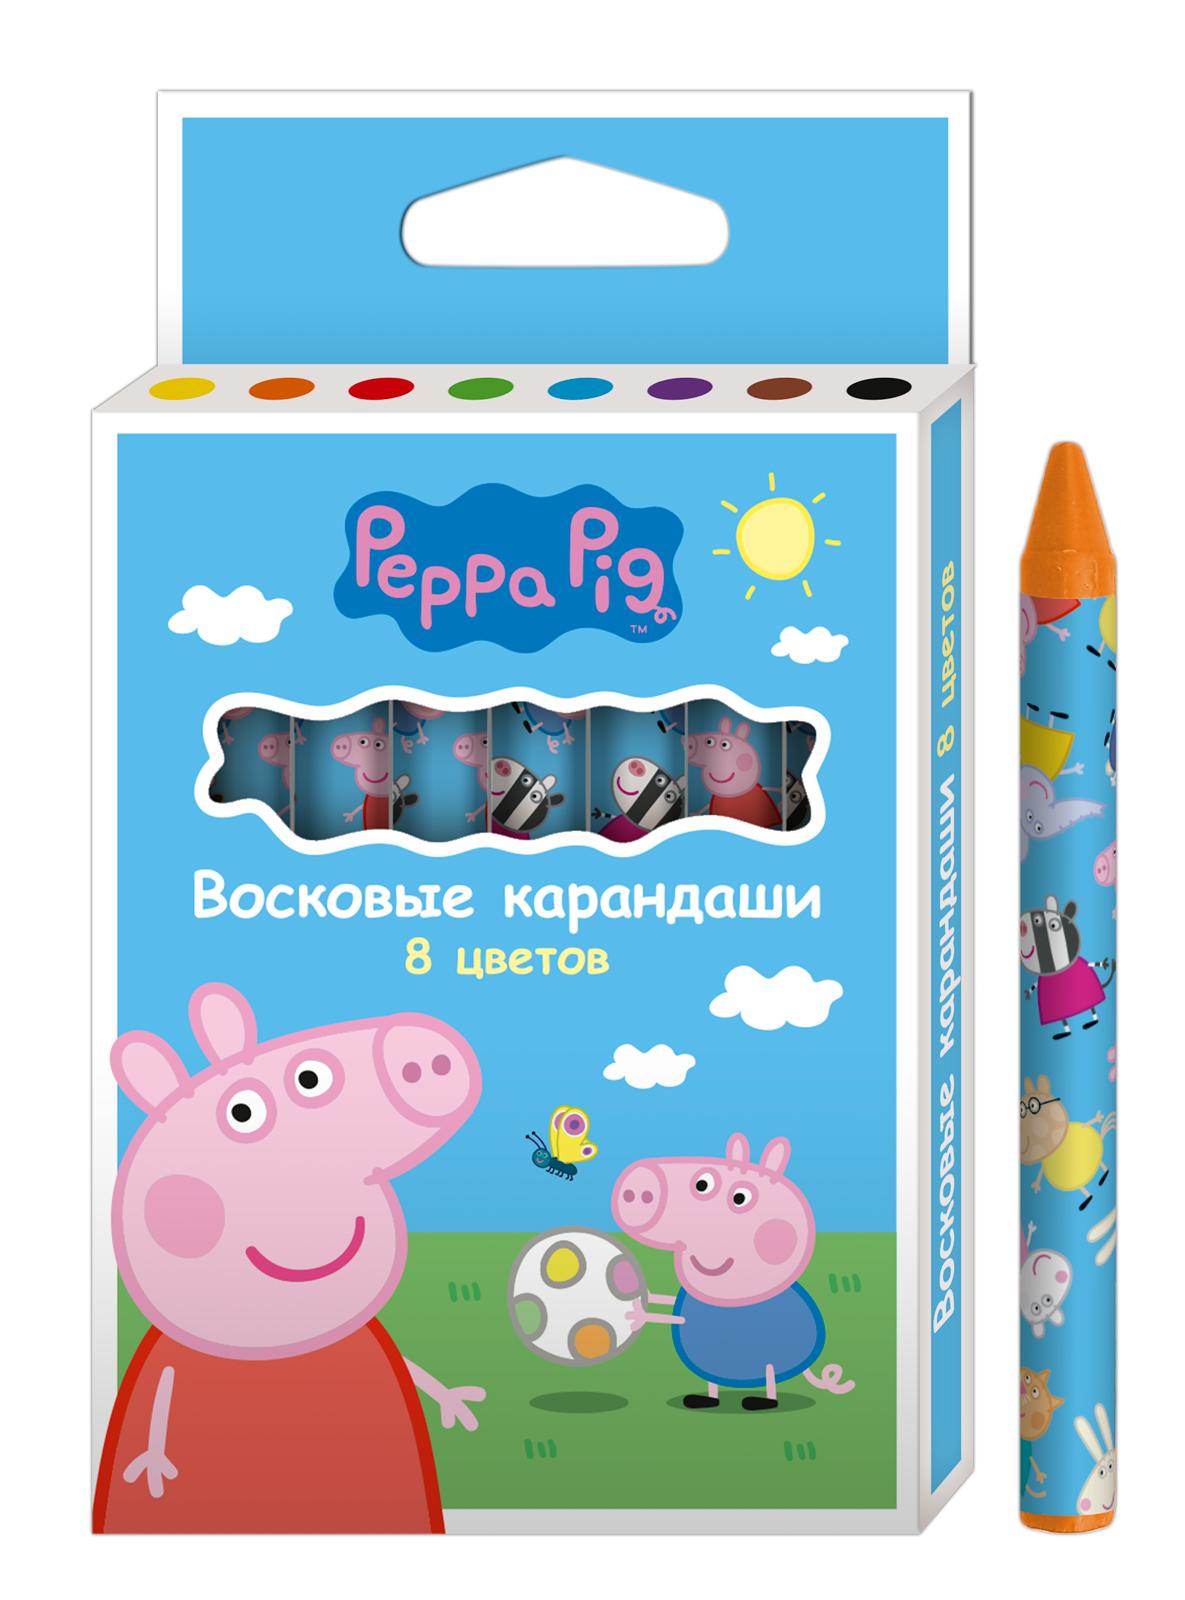 Peppa Pig Набор восковых карандашей Свинка Пеппа 8 цветов peppa pig пакет подарочный пеппа и сьюзи 35 х 25 х 9 см